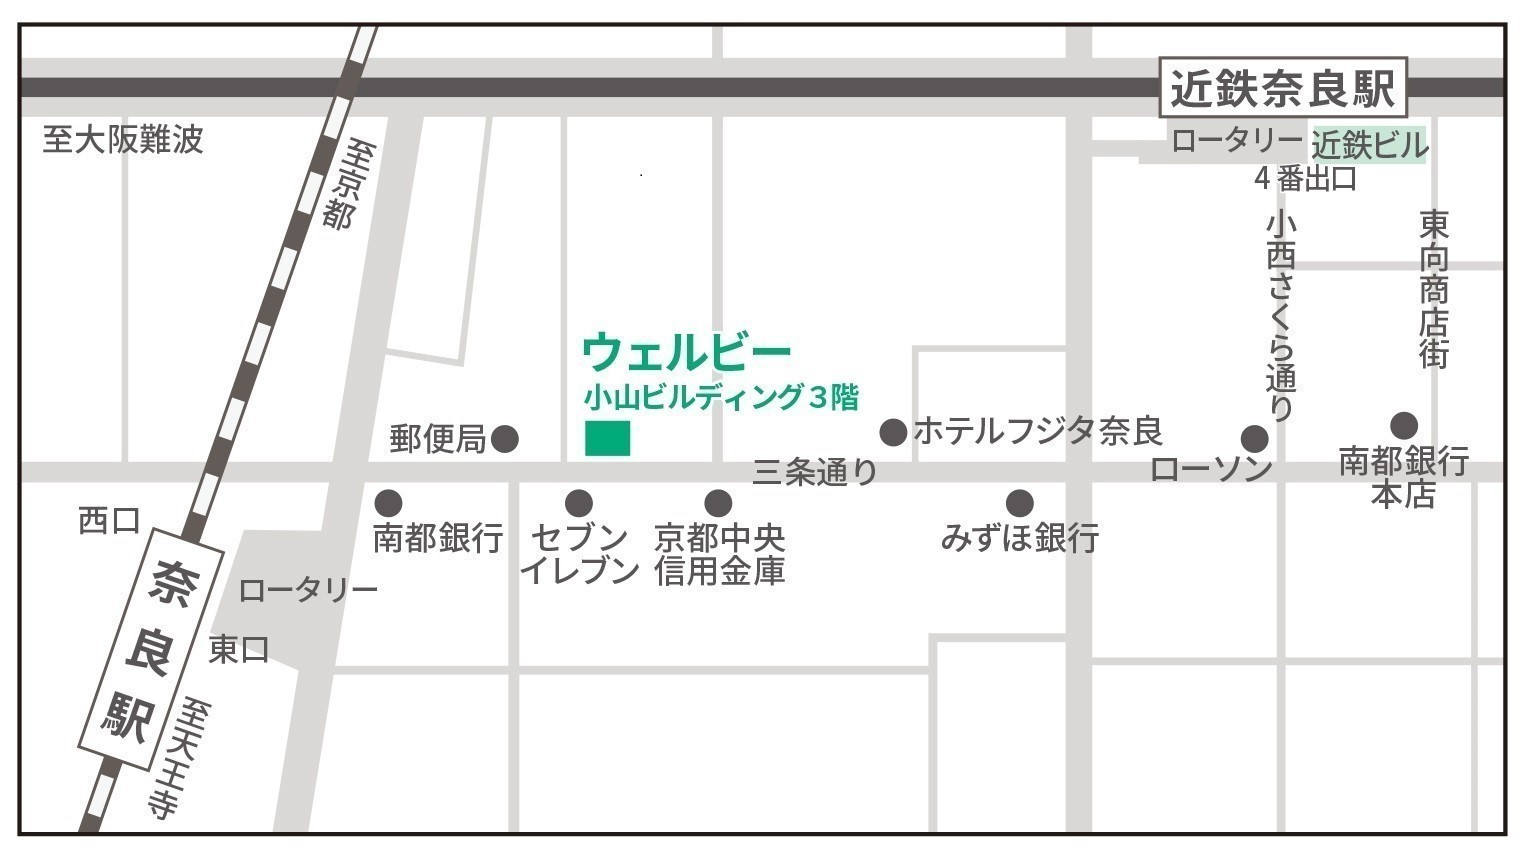 ウェルビー奈良センター地図